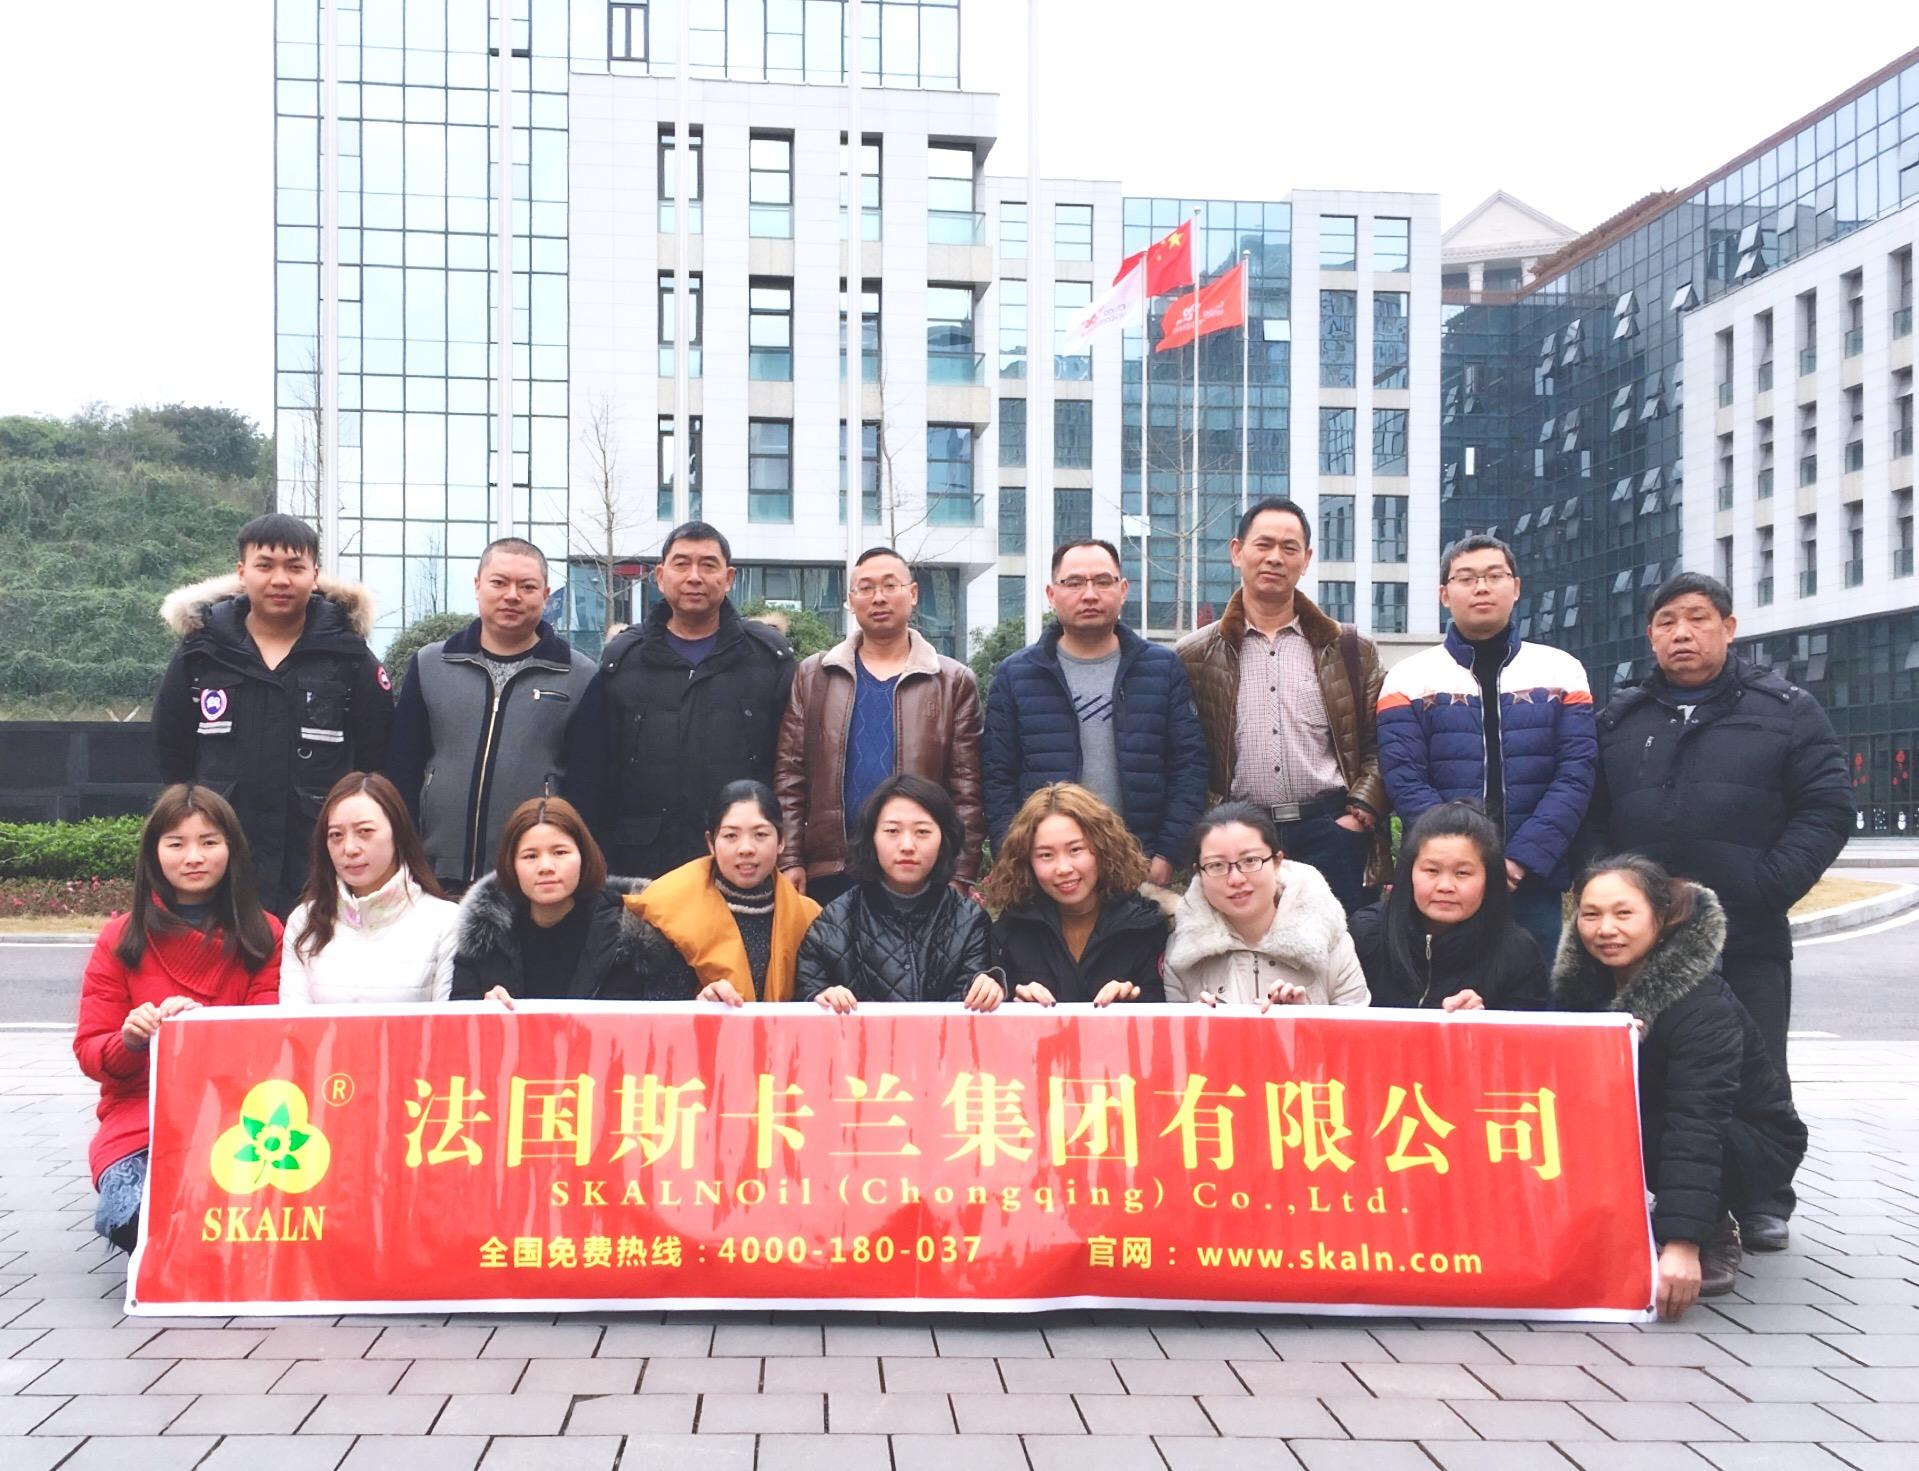 斯卡兰润滑油集团2018年农历春节节后正式上班通知